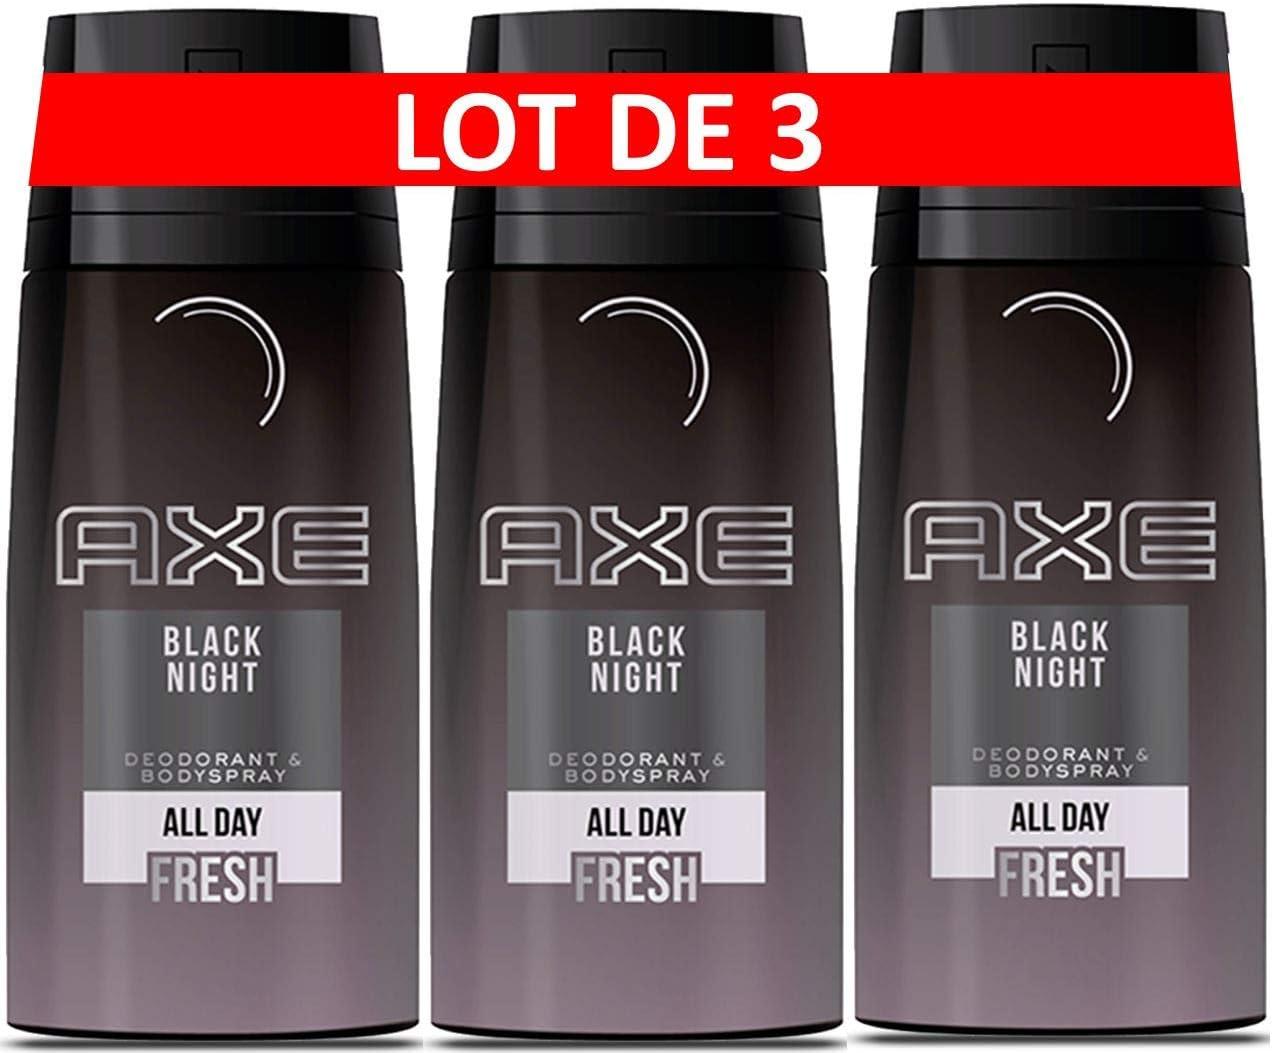 Axe Desodorante Hombre Spray Black Night 150 ml – juego de 3: Amazon.es: Belleza